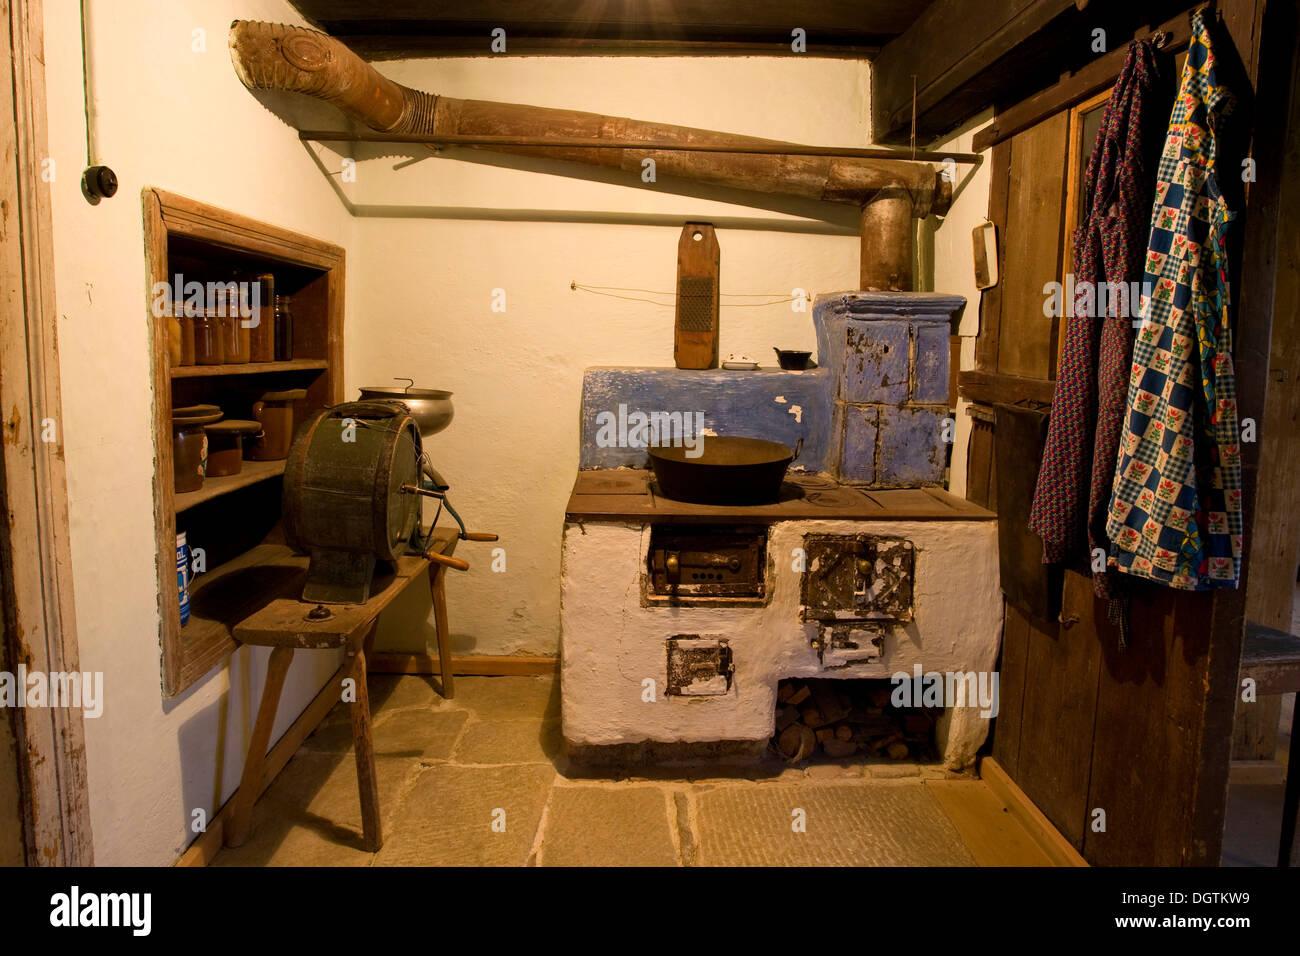 historische k che in einem bauernhaus freilichtmuseum in finsterau bayern stockfoto bild. Black Bedroom Furniture Sets. Home Design Ideas